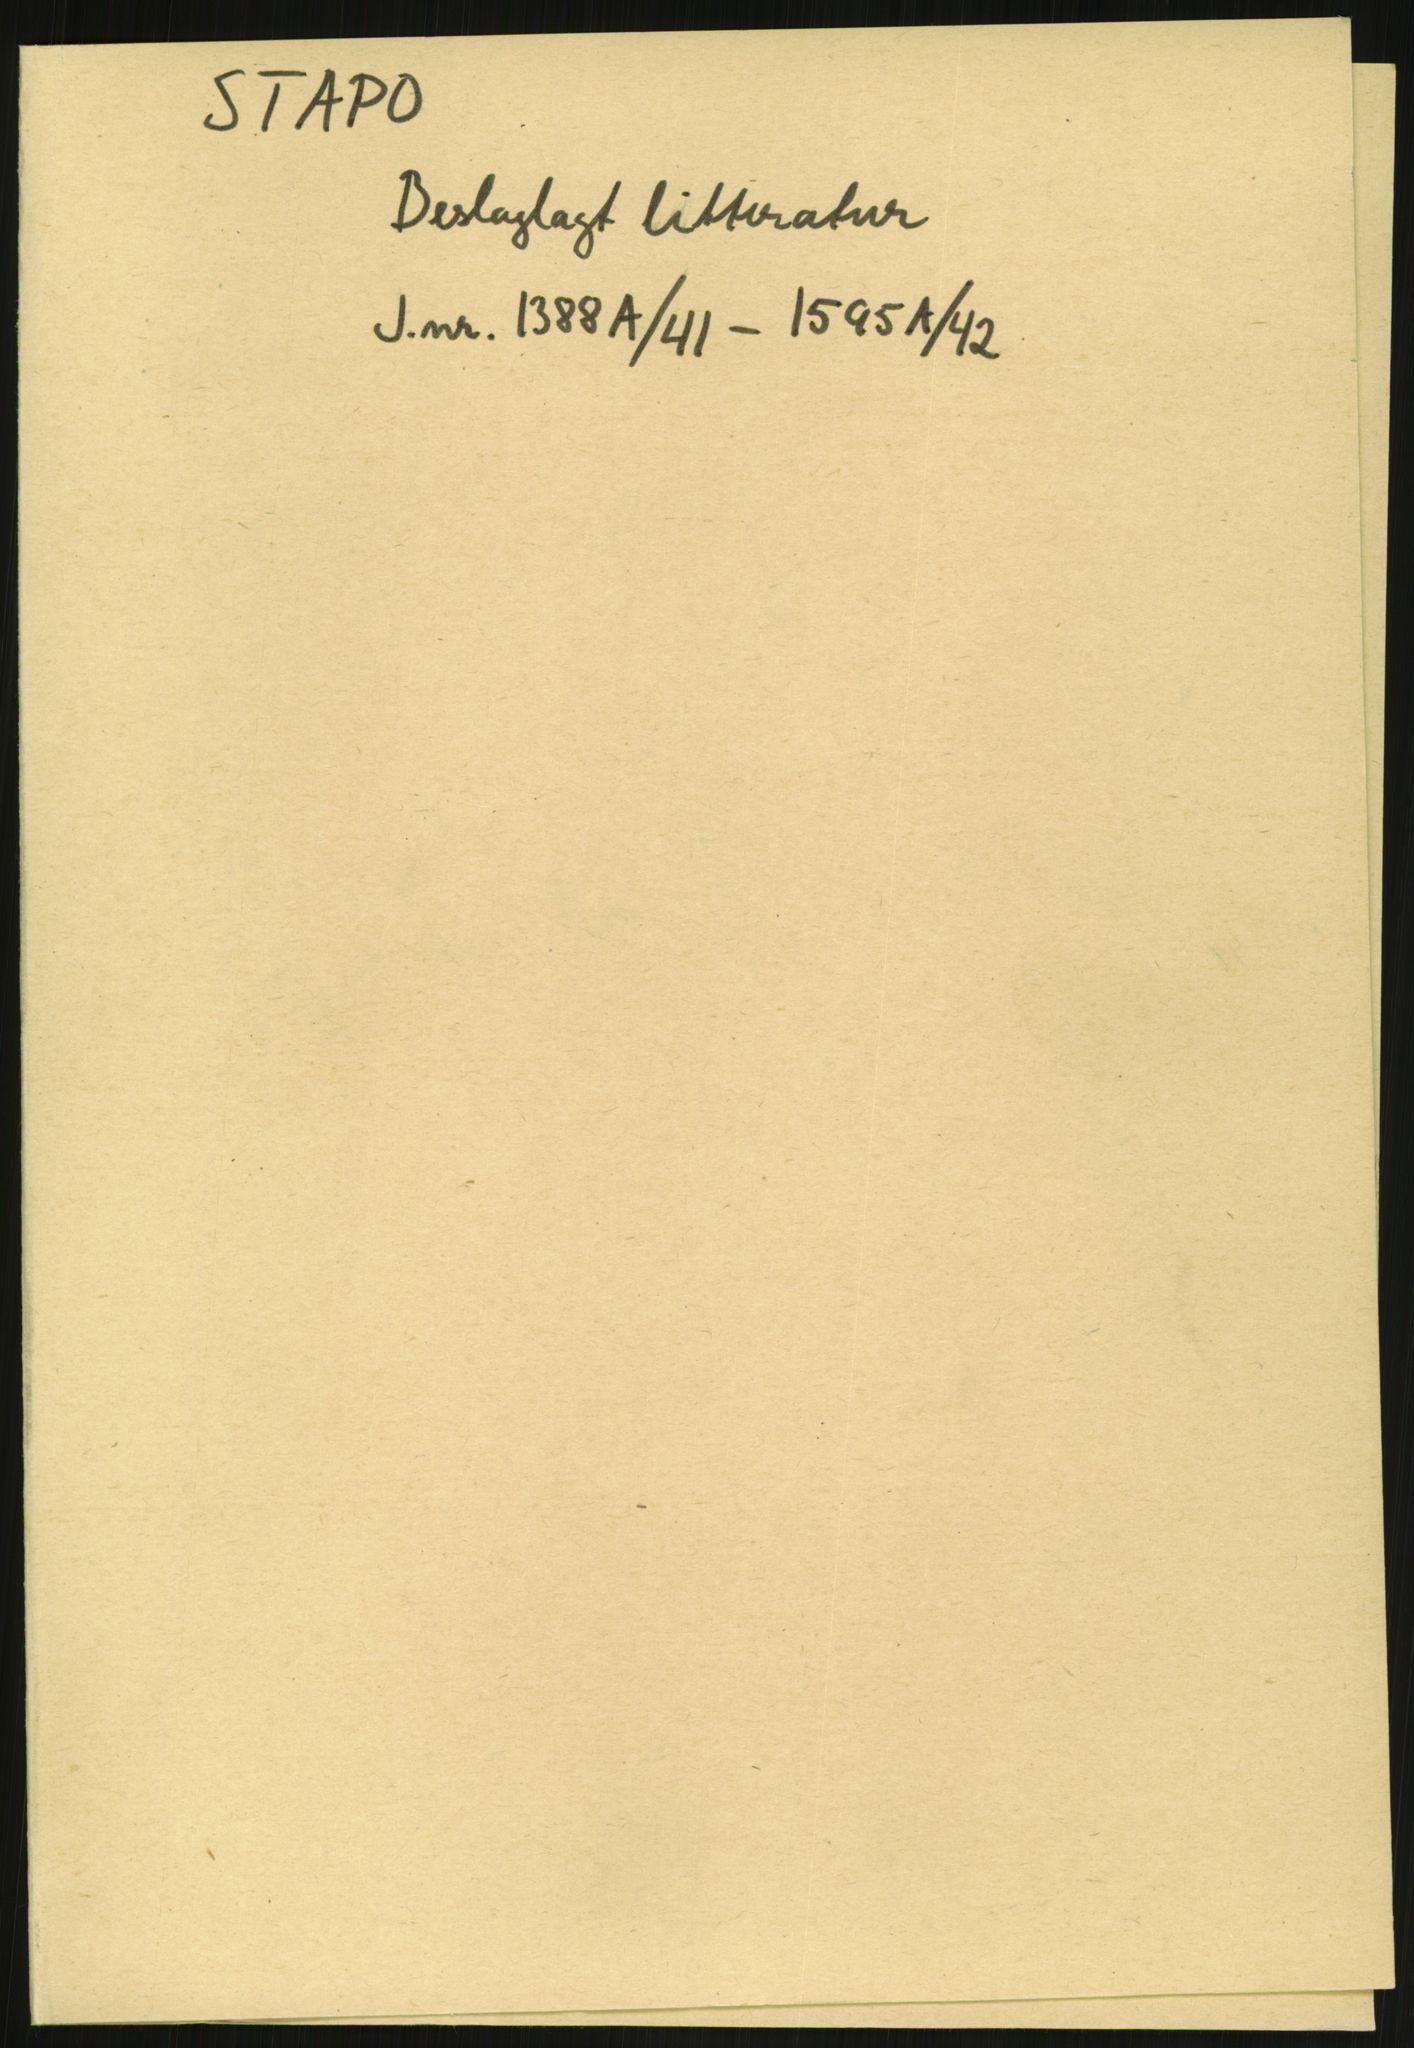 RA, Statspolitiet - Hovedkontoret / Osloavdelingen, F/L0091: Beslaglagt litteratur, 1941-1943, s. 1